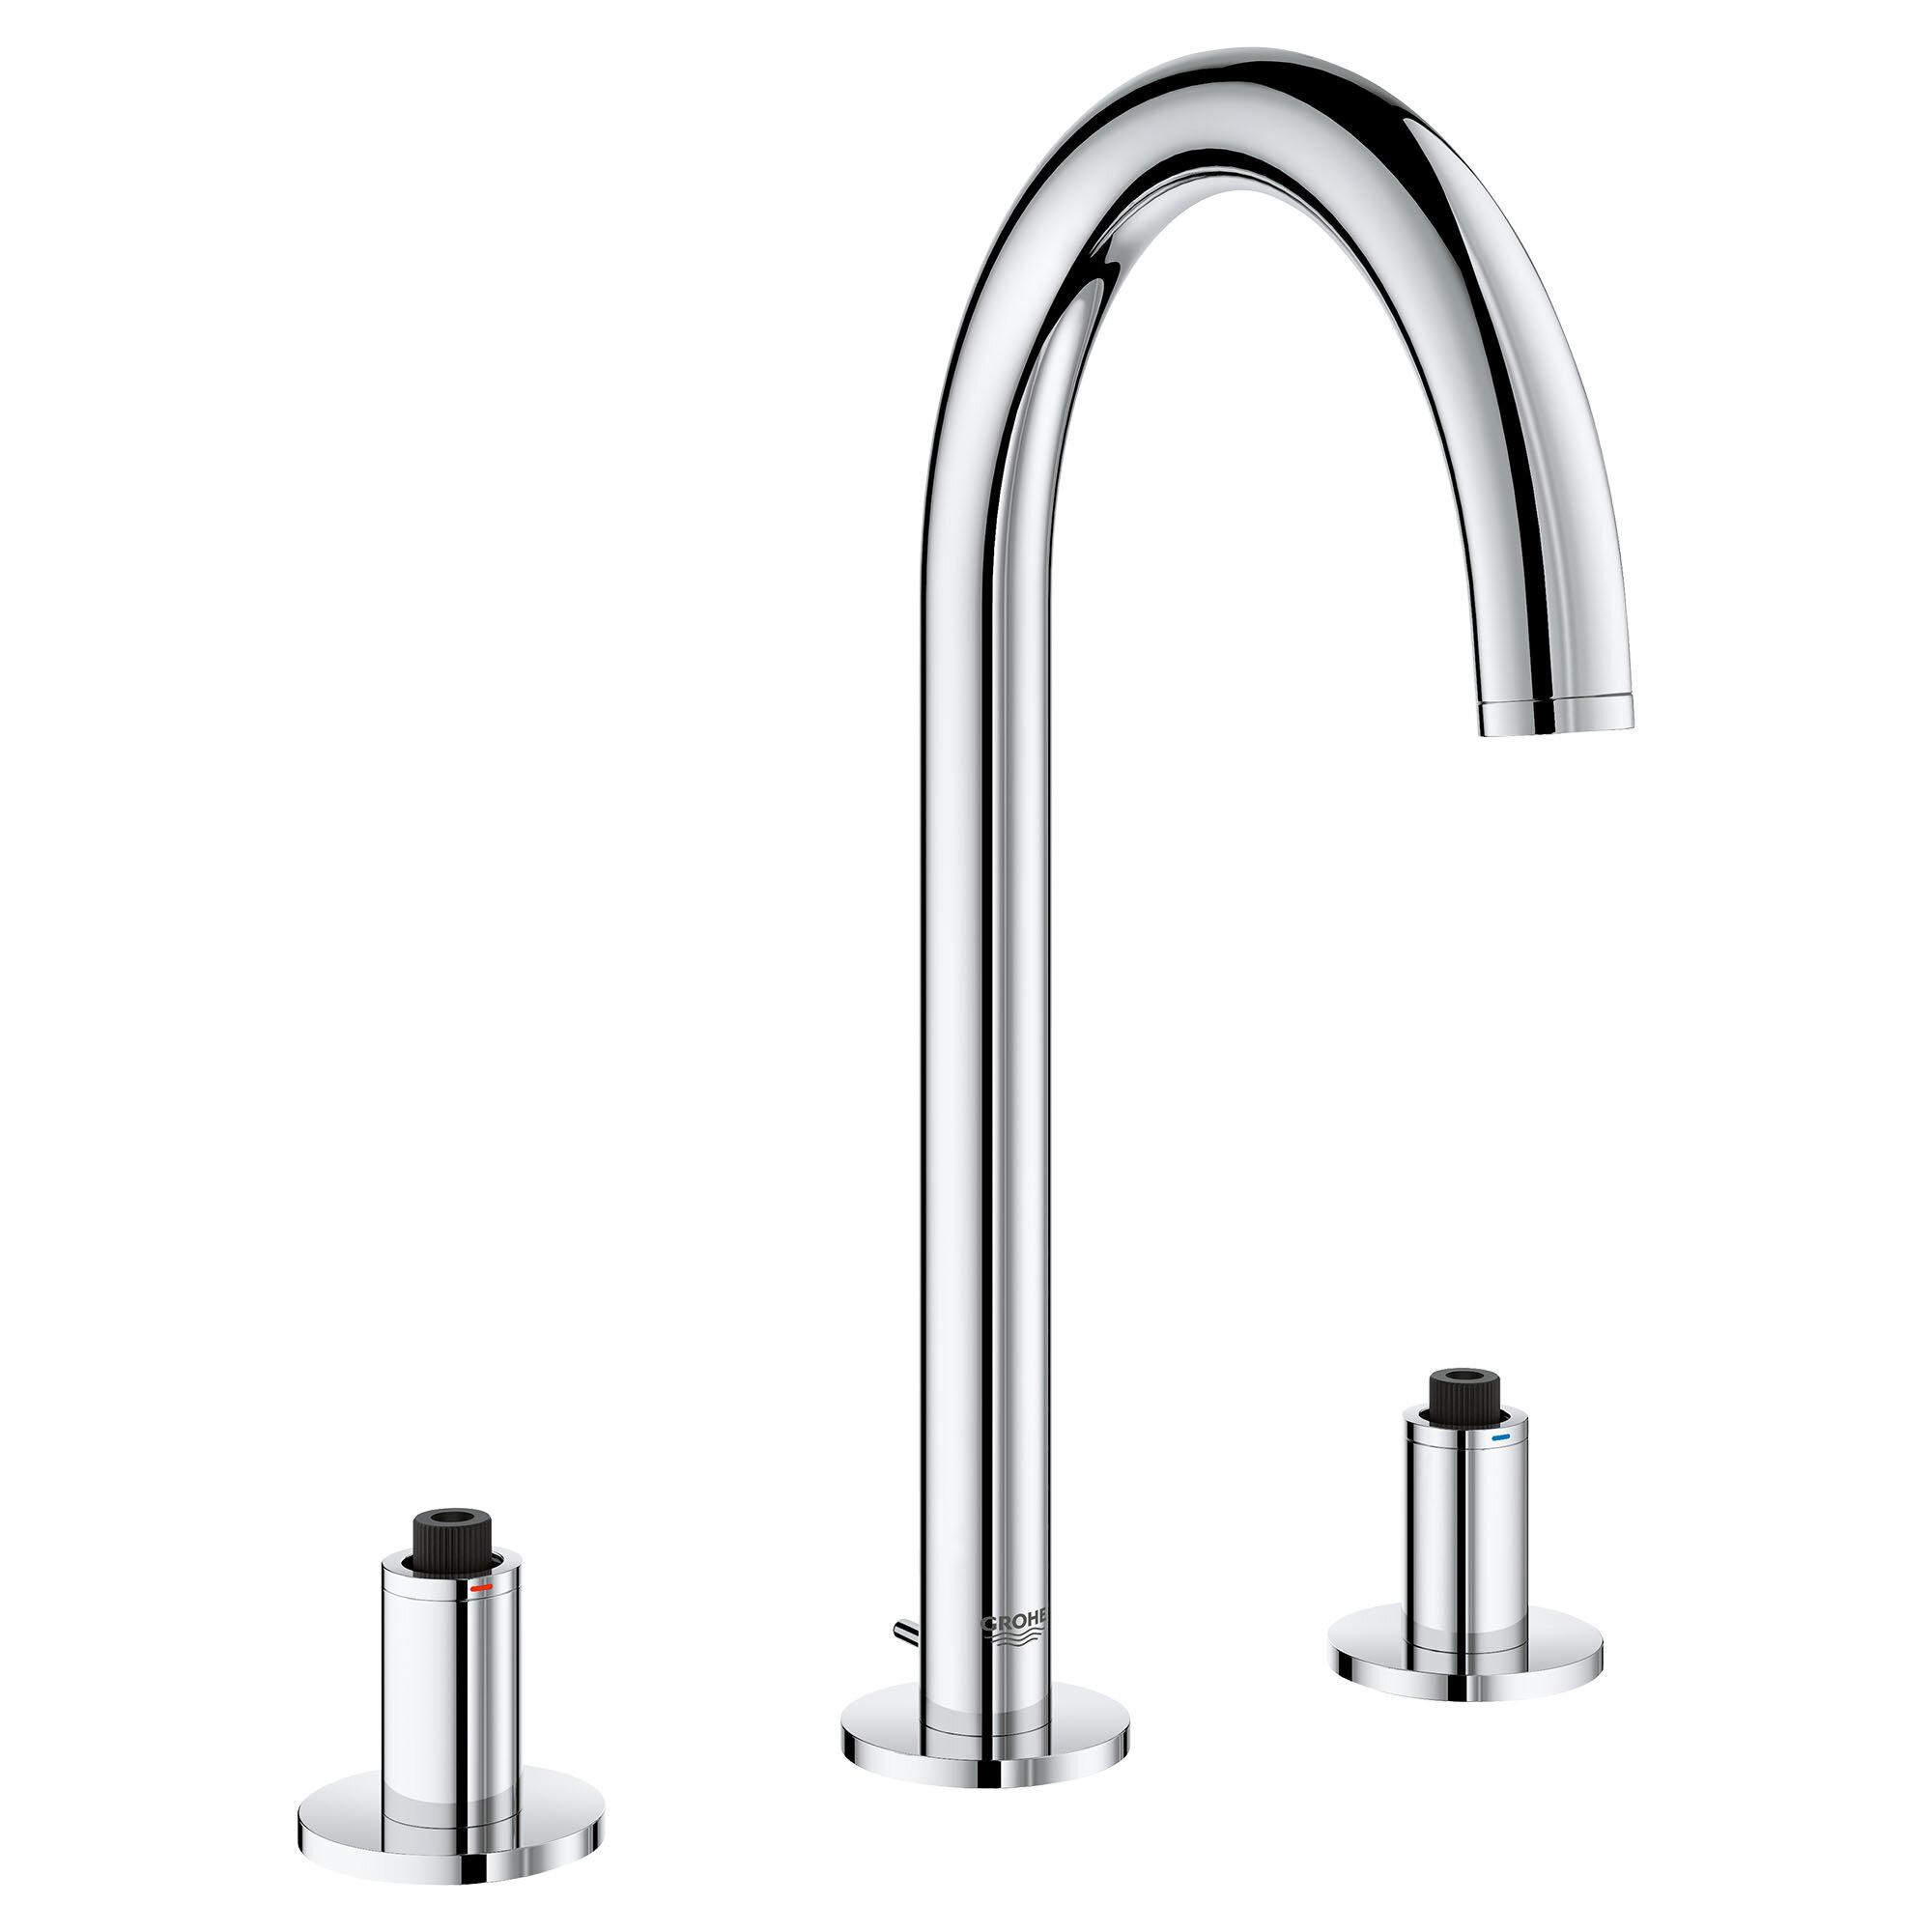 Widespread Bathroom Sink Faucets